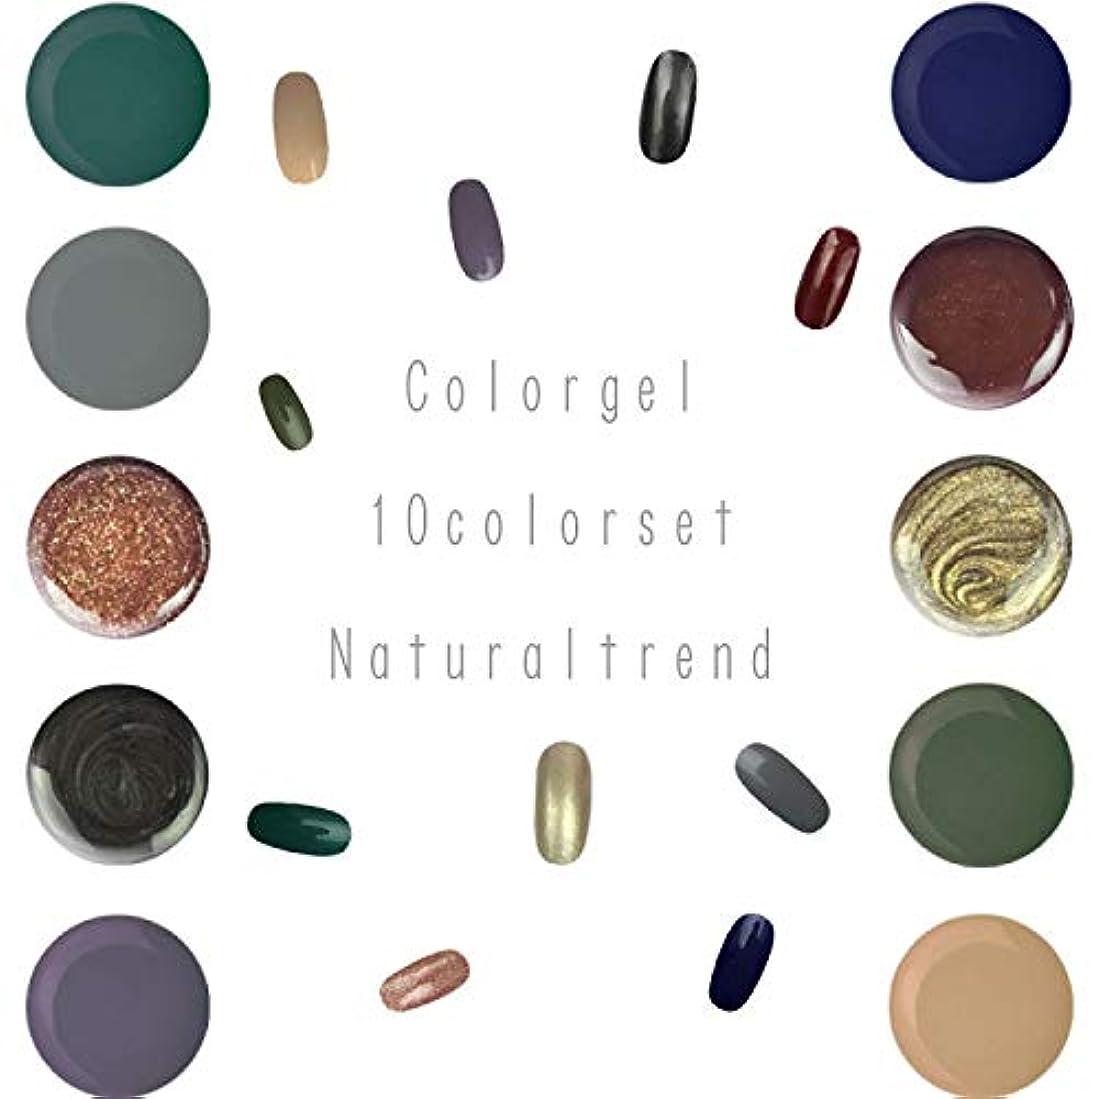 間違いなく山積みの悪党NaturalTrend ジェルネイル 10色セット カラージェル カラージェルセット ジェルセット (Bセット)